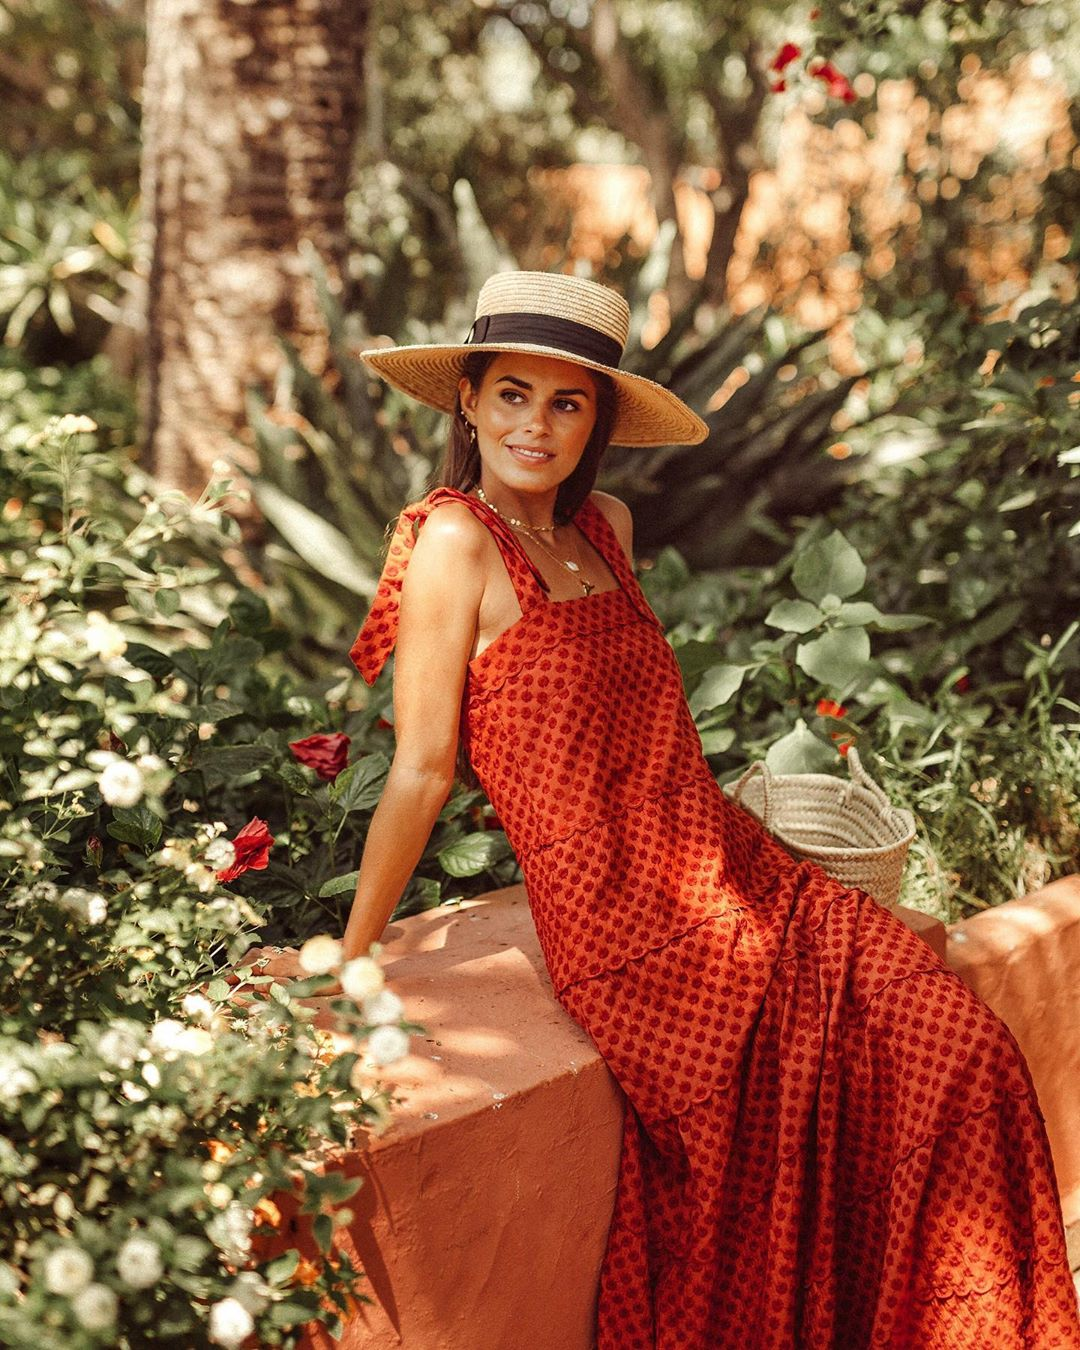 Fashionista diện đầm đỏ họa tiết và mũ cói cho mùa Hè